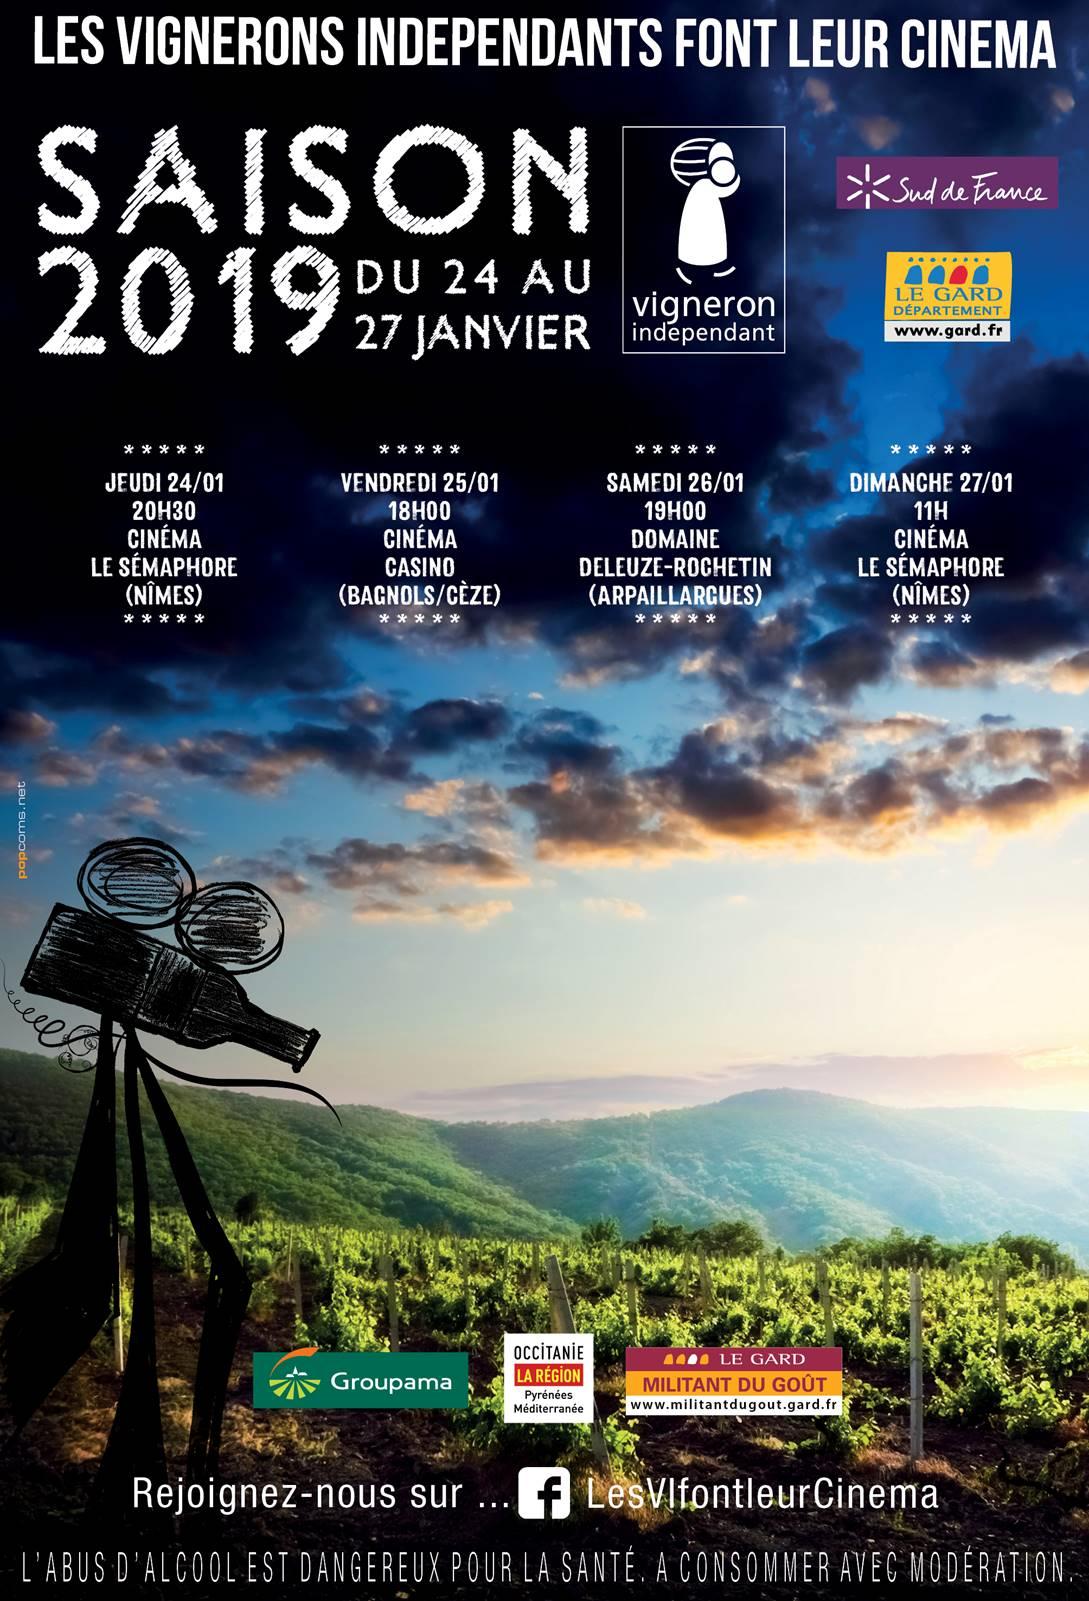 affiche du festival les vigneron indépendant font leur cinema